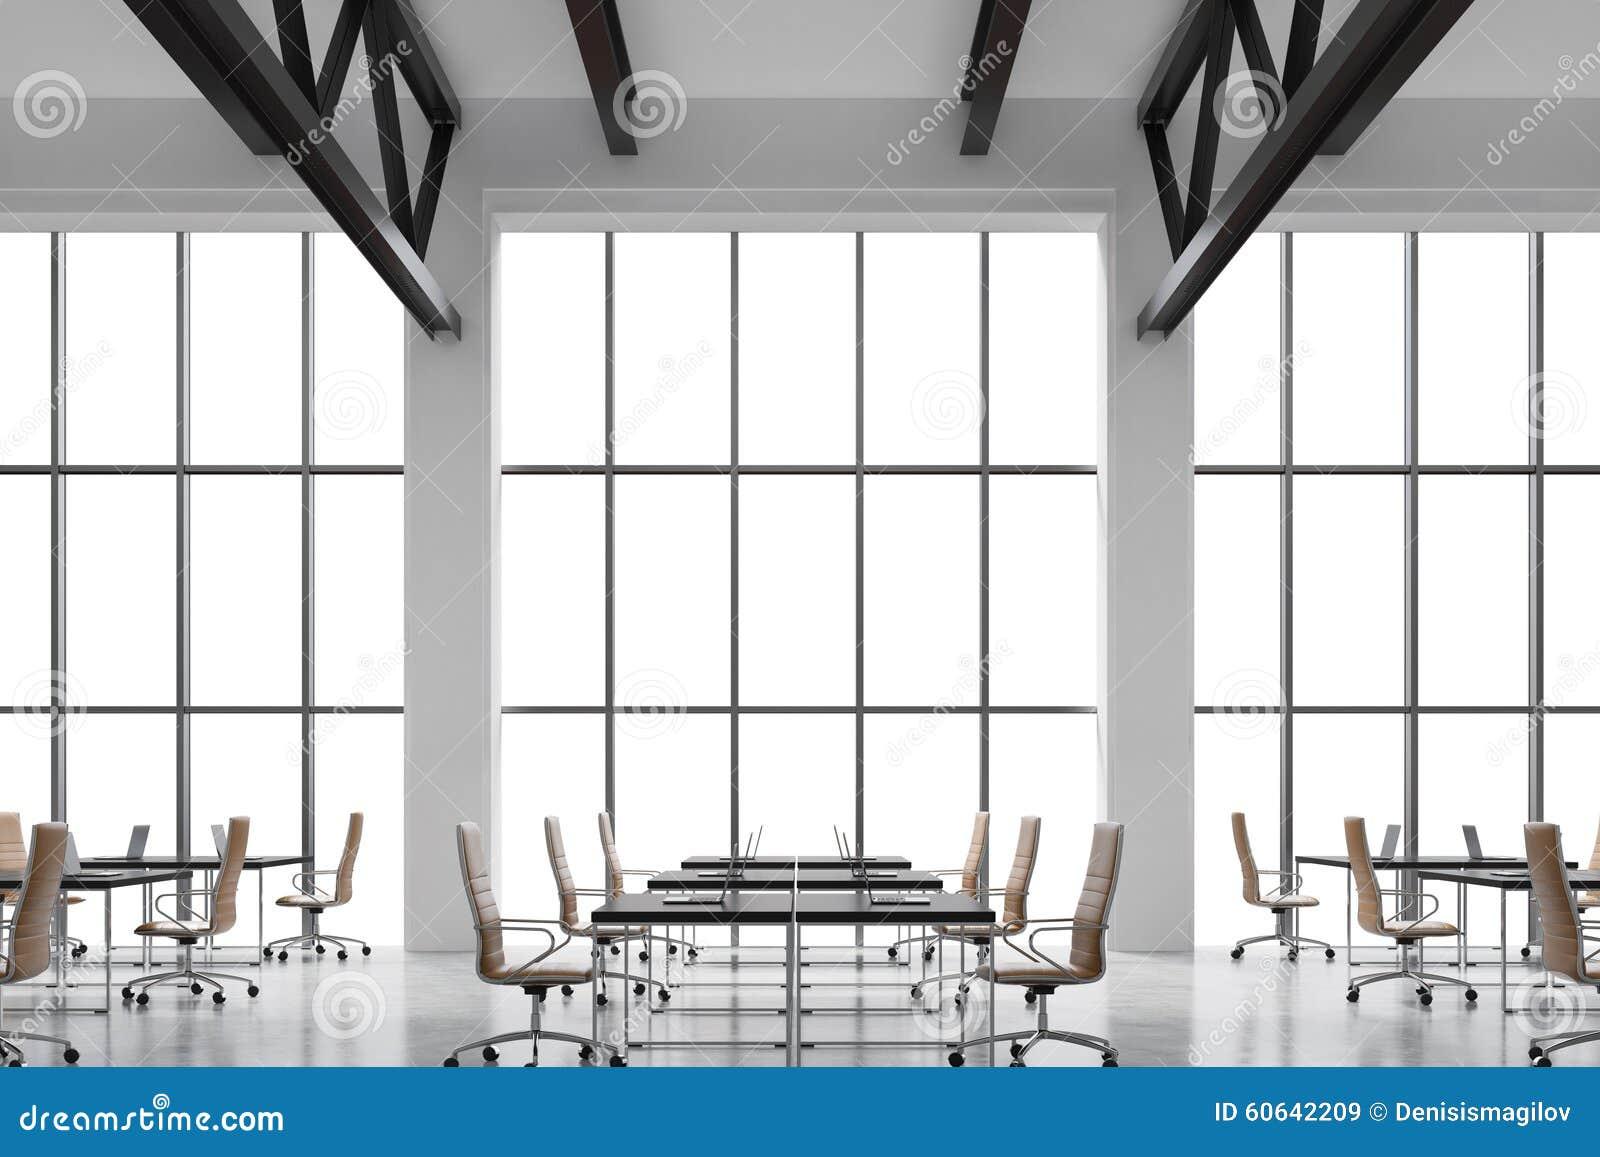 Fenster innenraum  Moderne Arbeitsplätze In Einem Modernen Hellen Sauberen Innenraum ...